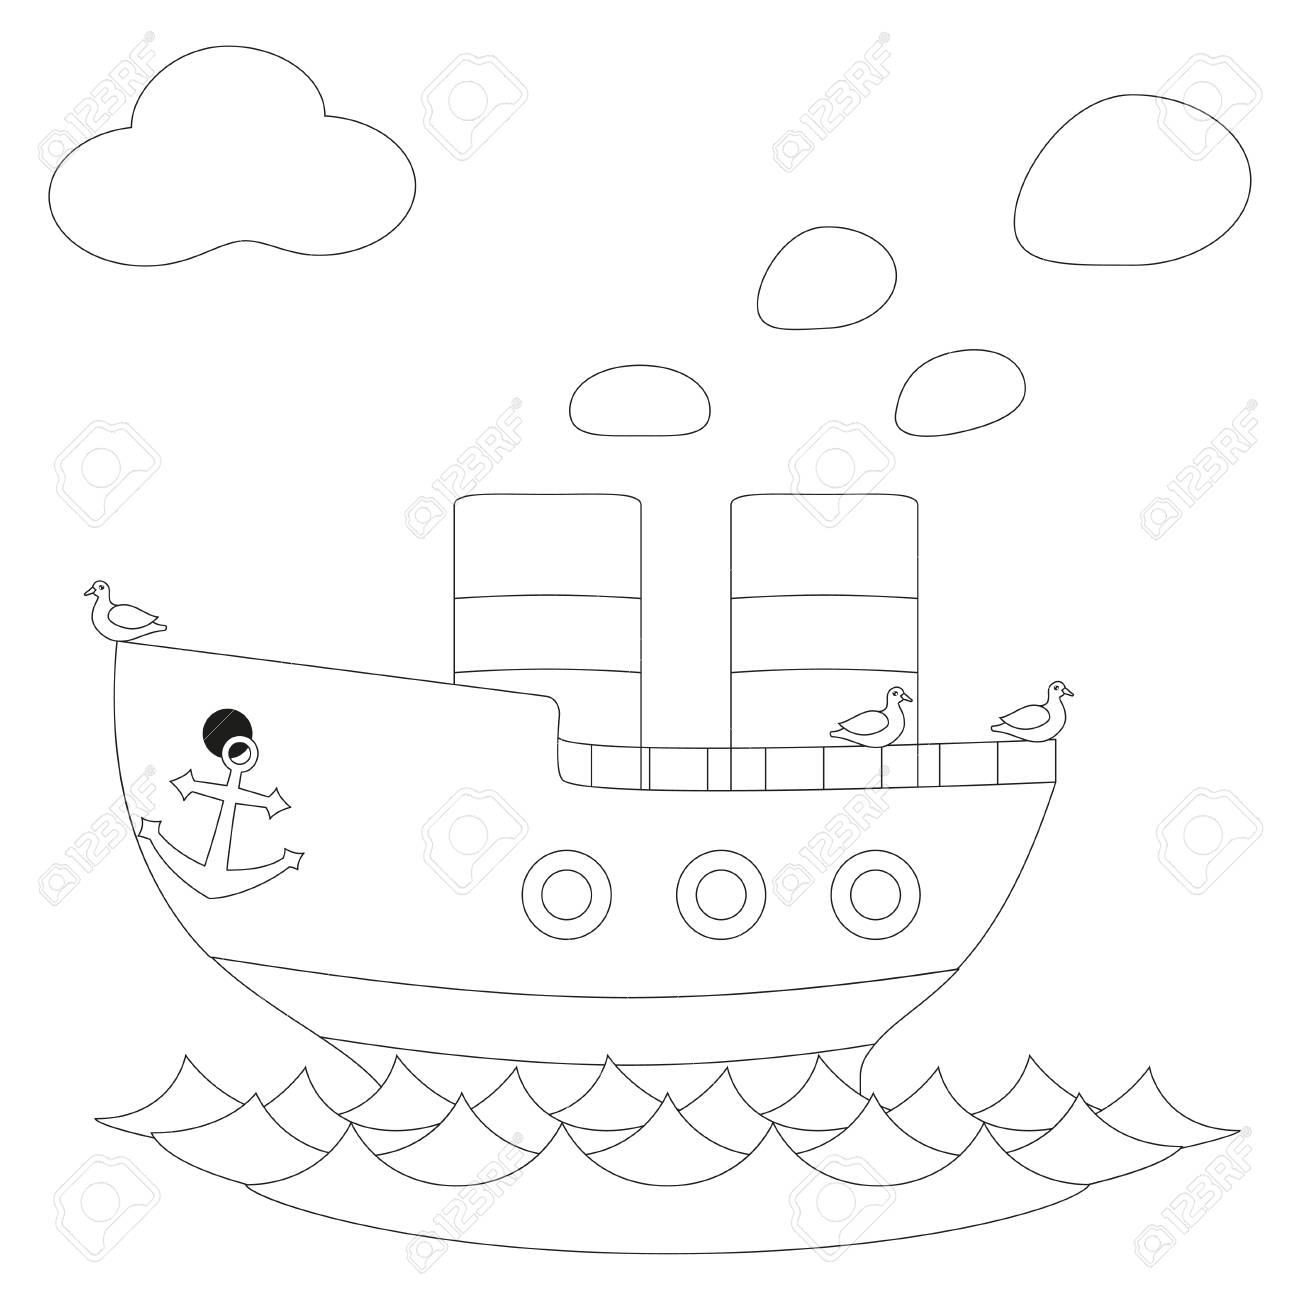 Vettoriale Manifesto Di Vettore In Bianco E Nero Di Nave Vapore Retro Pagina Del Libro Da Colorare Per Adulti E Bambini Illustrazione Con Nave A Vapore Uccello Gabbiano Acqua Di Mare